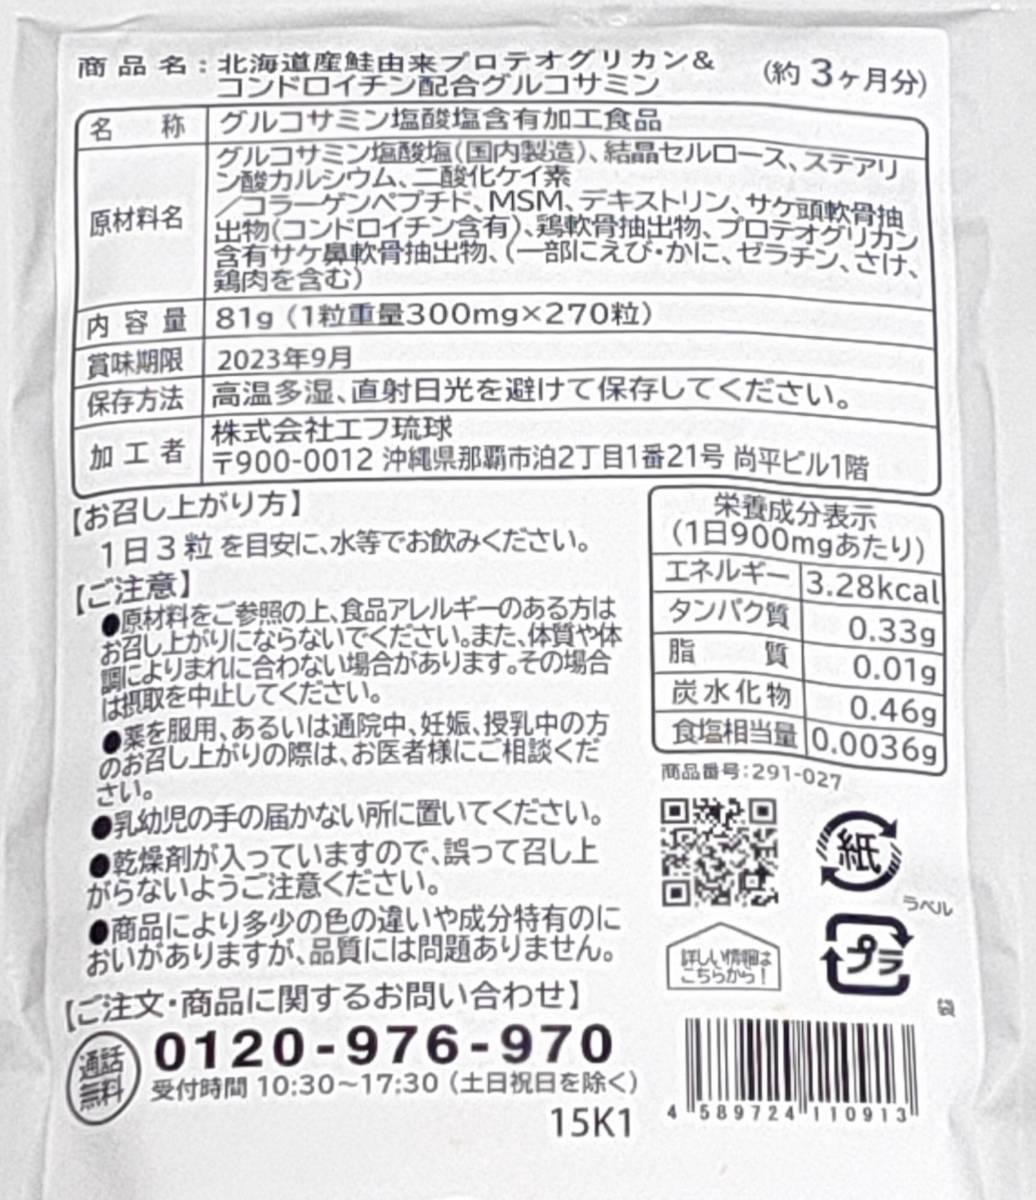 【シードコムス サプリメント】グルコサミン 北海道産鮭由来 プロテオグリカン&コンドロイチン配合 約6ヶ月分(約3ヶ月分×2袋) 健康食品_画像2